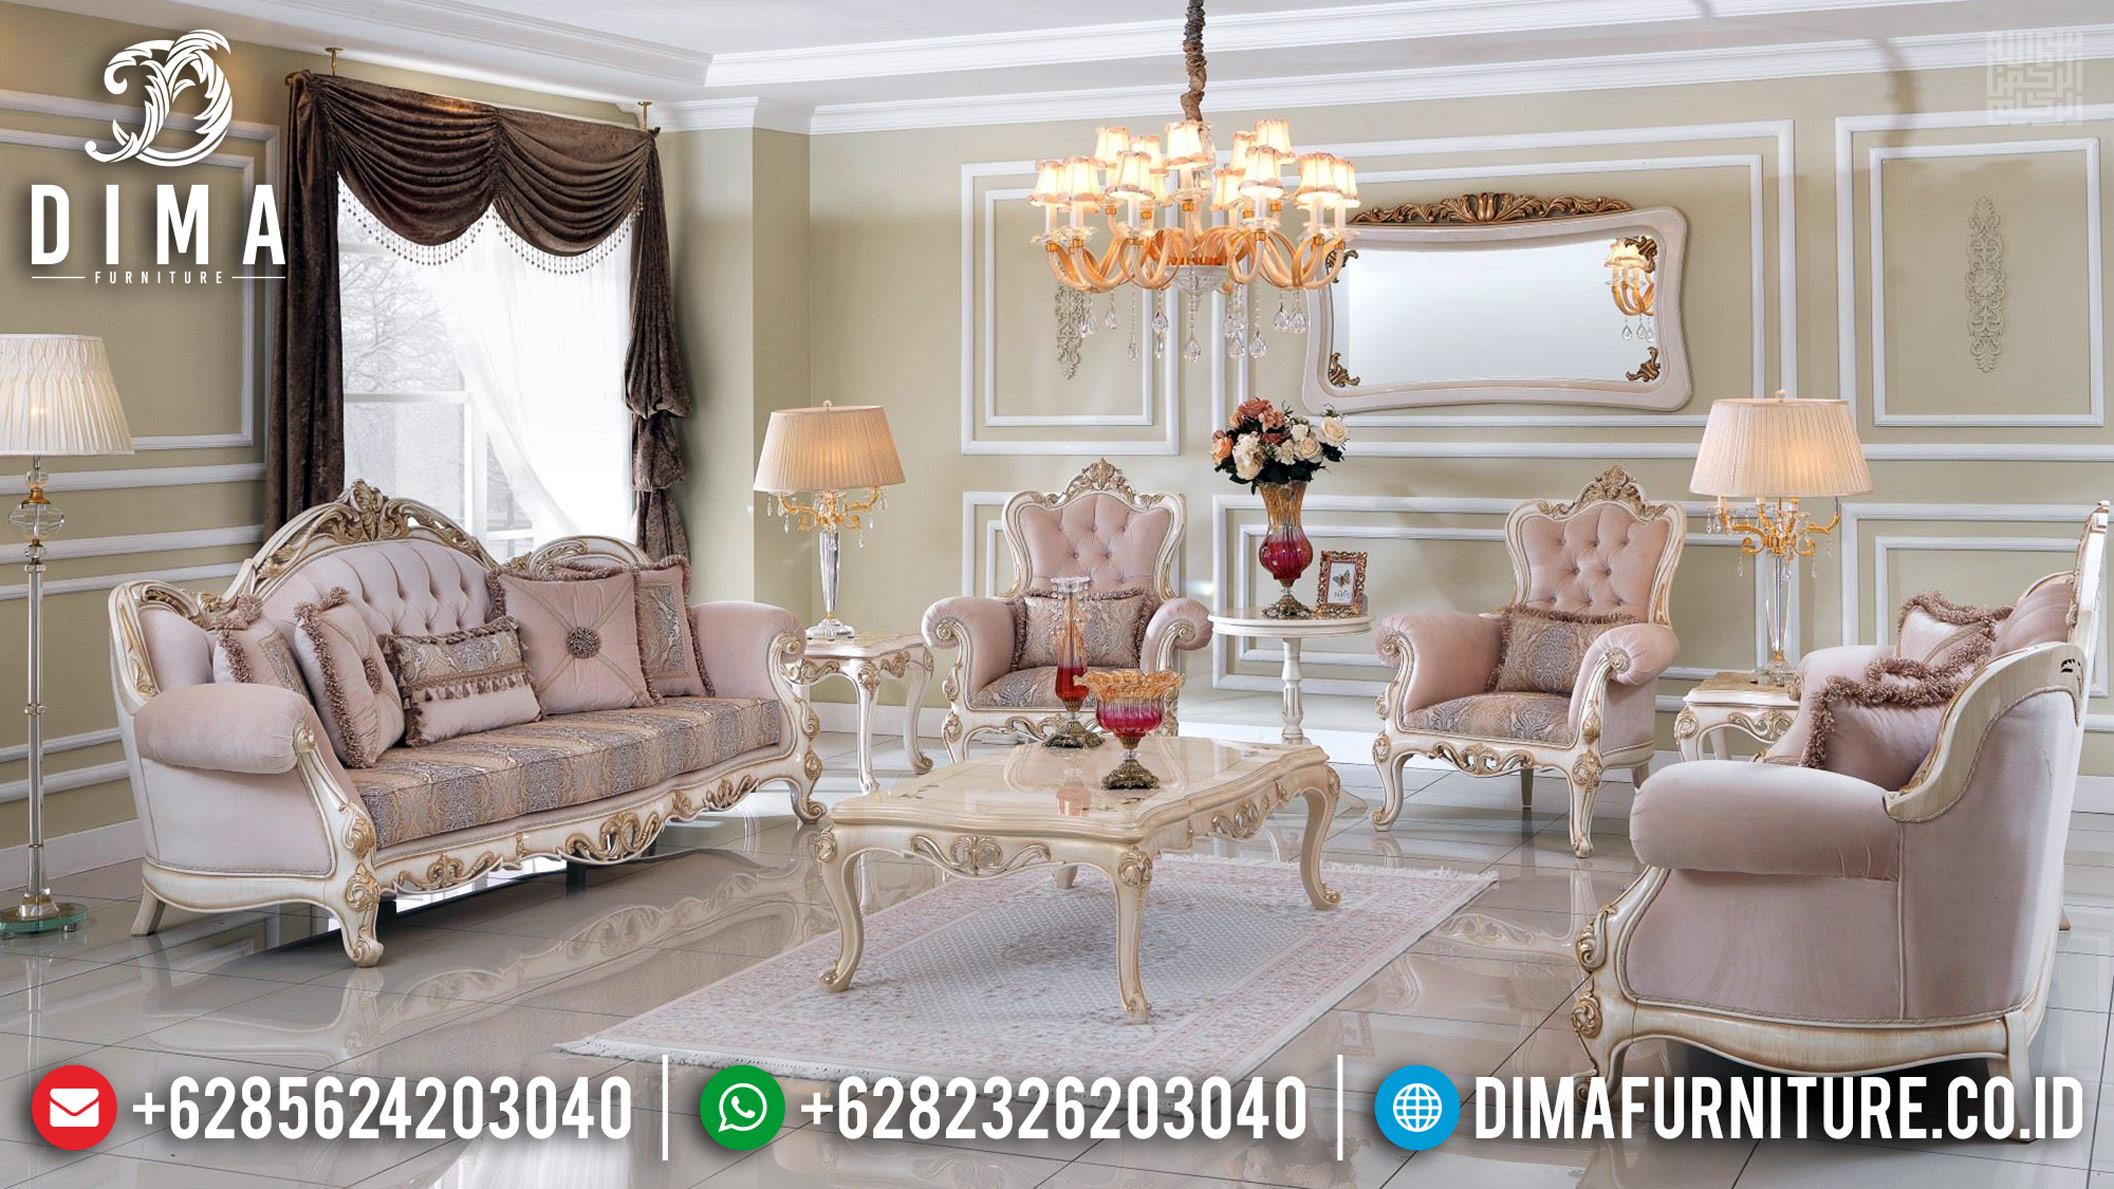 New 3 2 1 1 Sofa Tamu Mewah Furniture Jepara Neny DF-1170